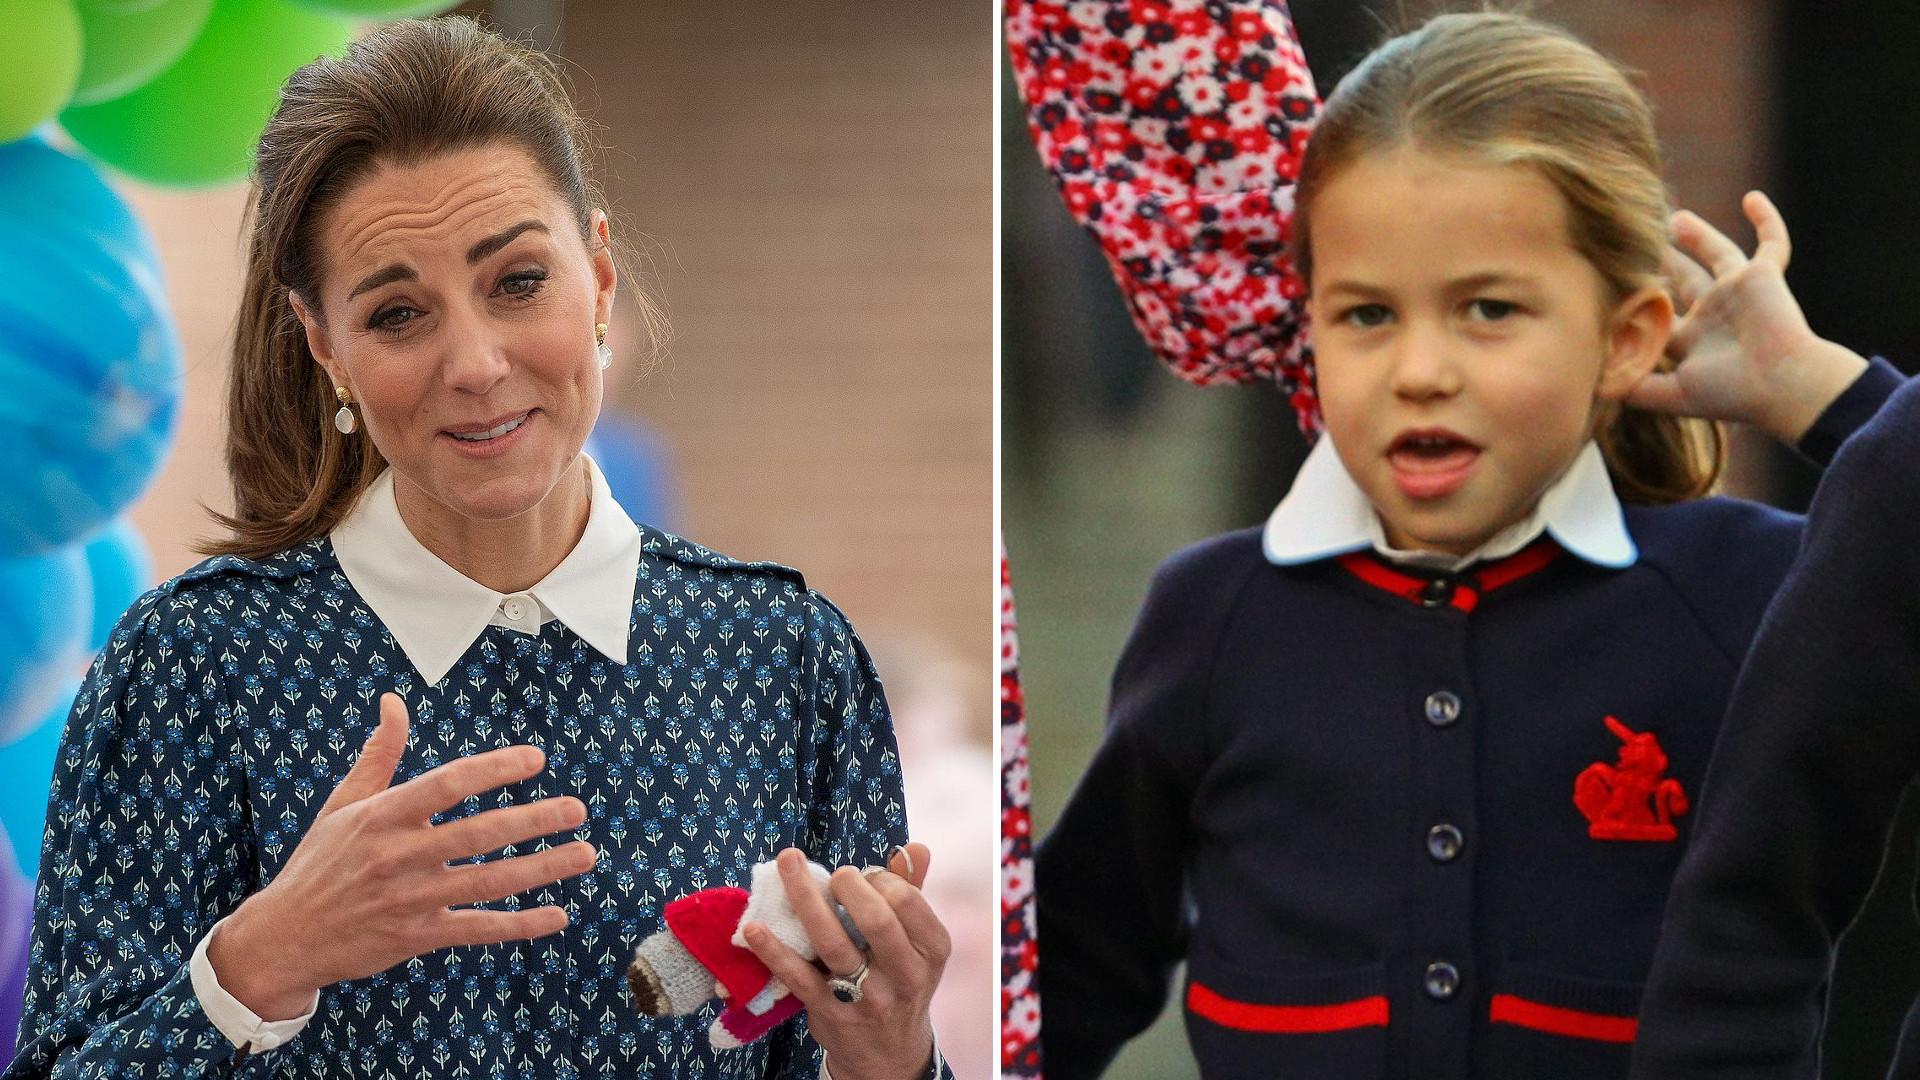 Księżna Kate jest w 4 ciąży? Księżniczka Charlotte się WYGADAŁA